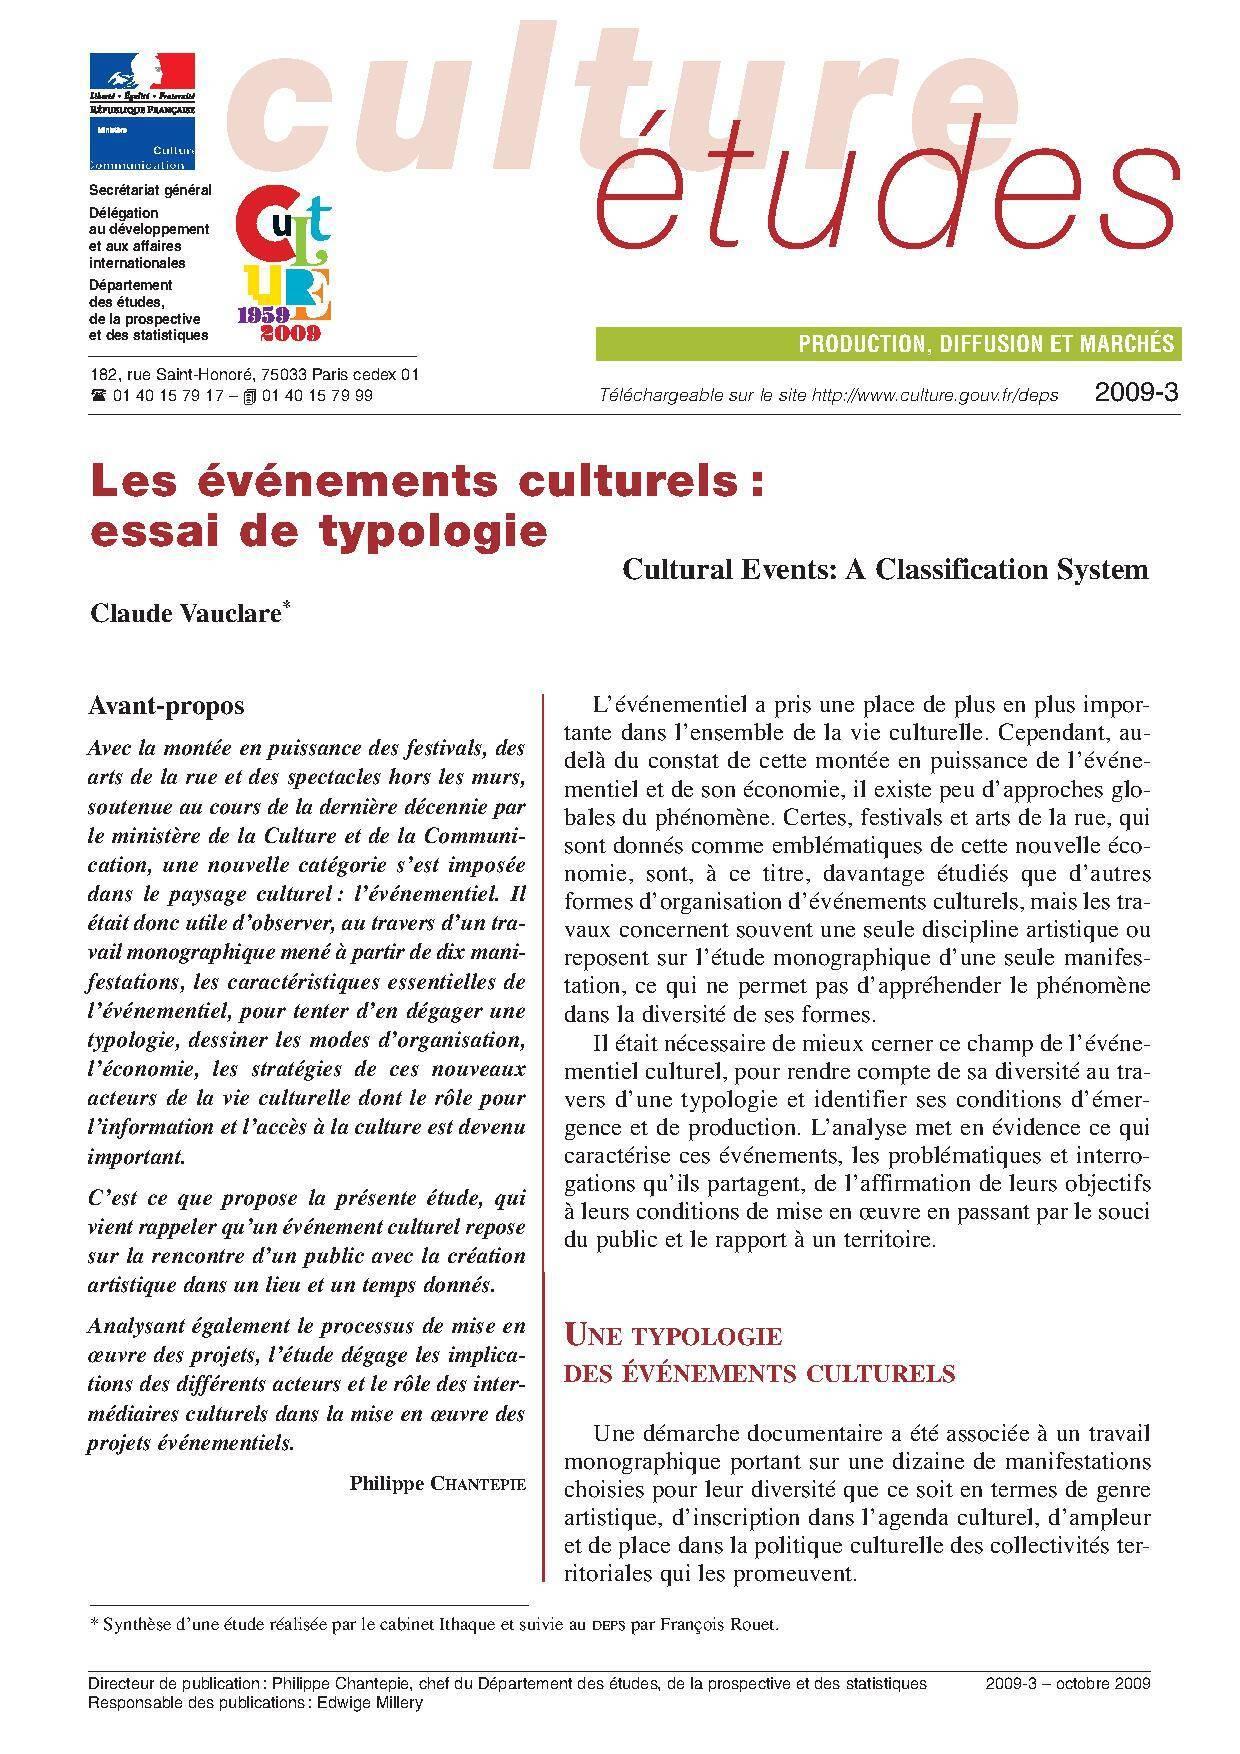 Les Événements culturels : essai de typologie